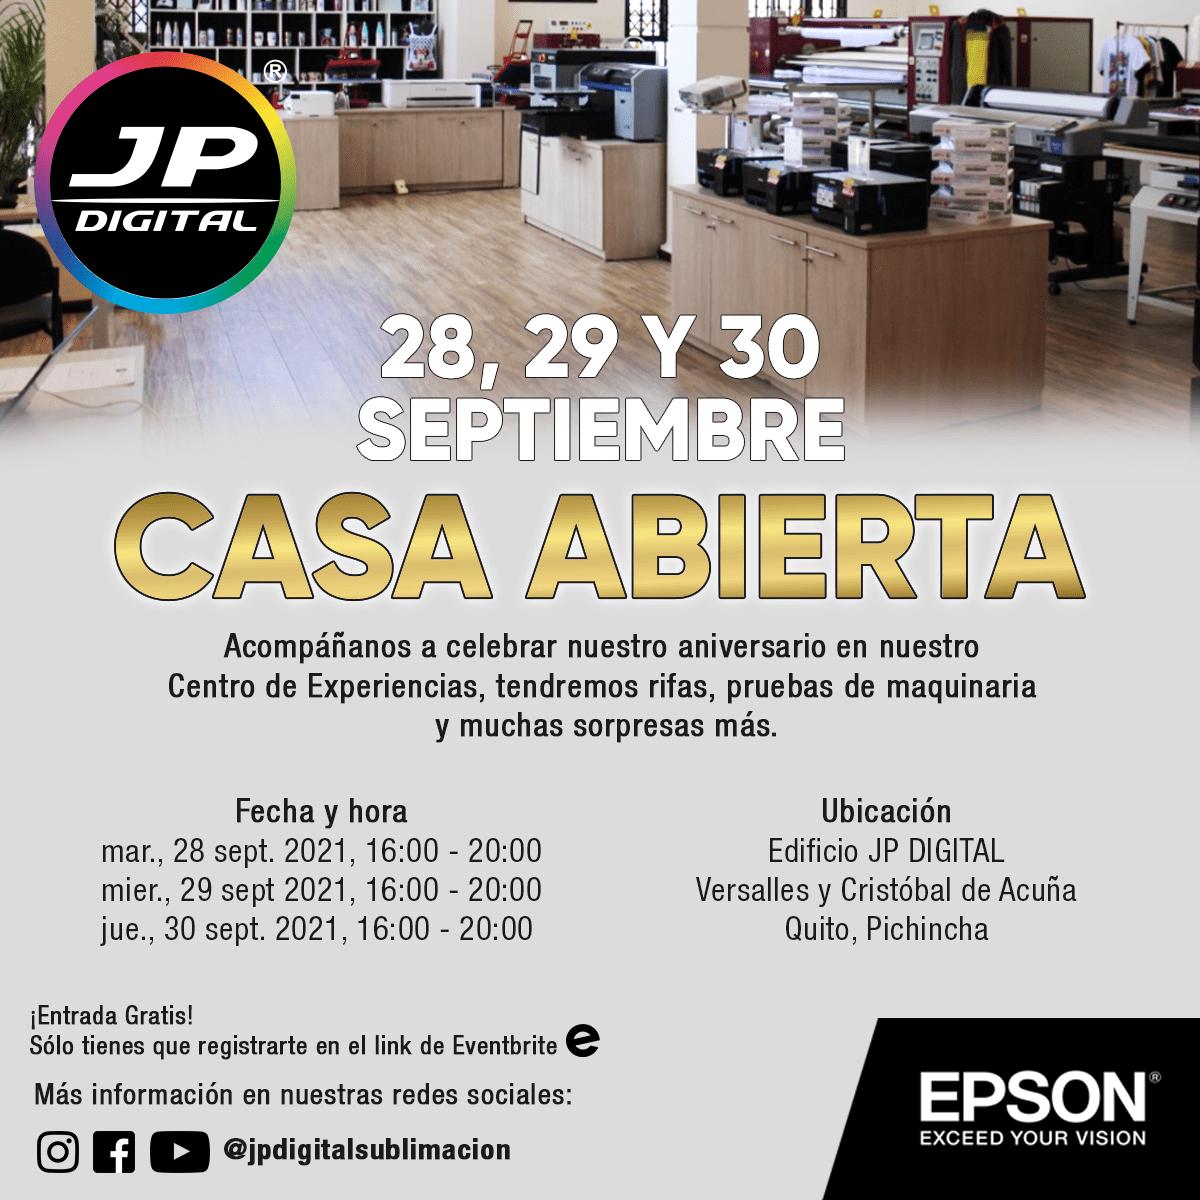 Casa Abierta, un espacio para empresarios y diseñadores en Ecuador ¿Cómo asistir?